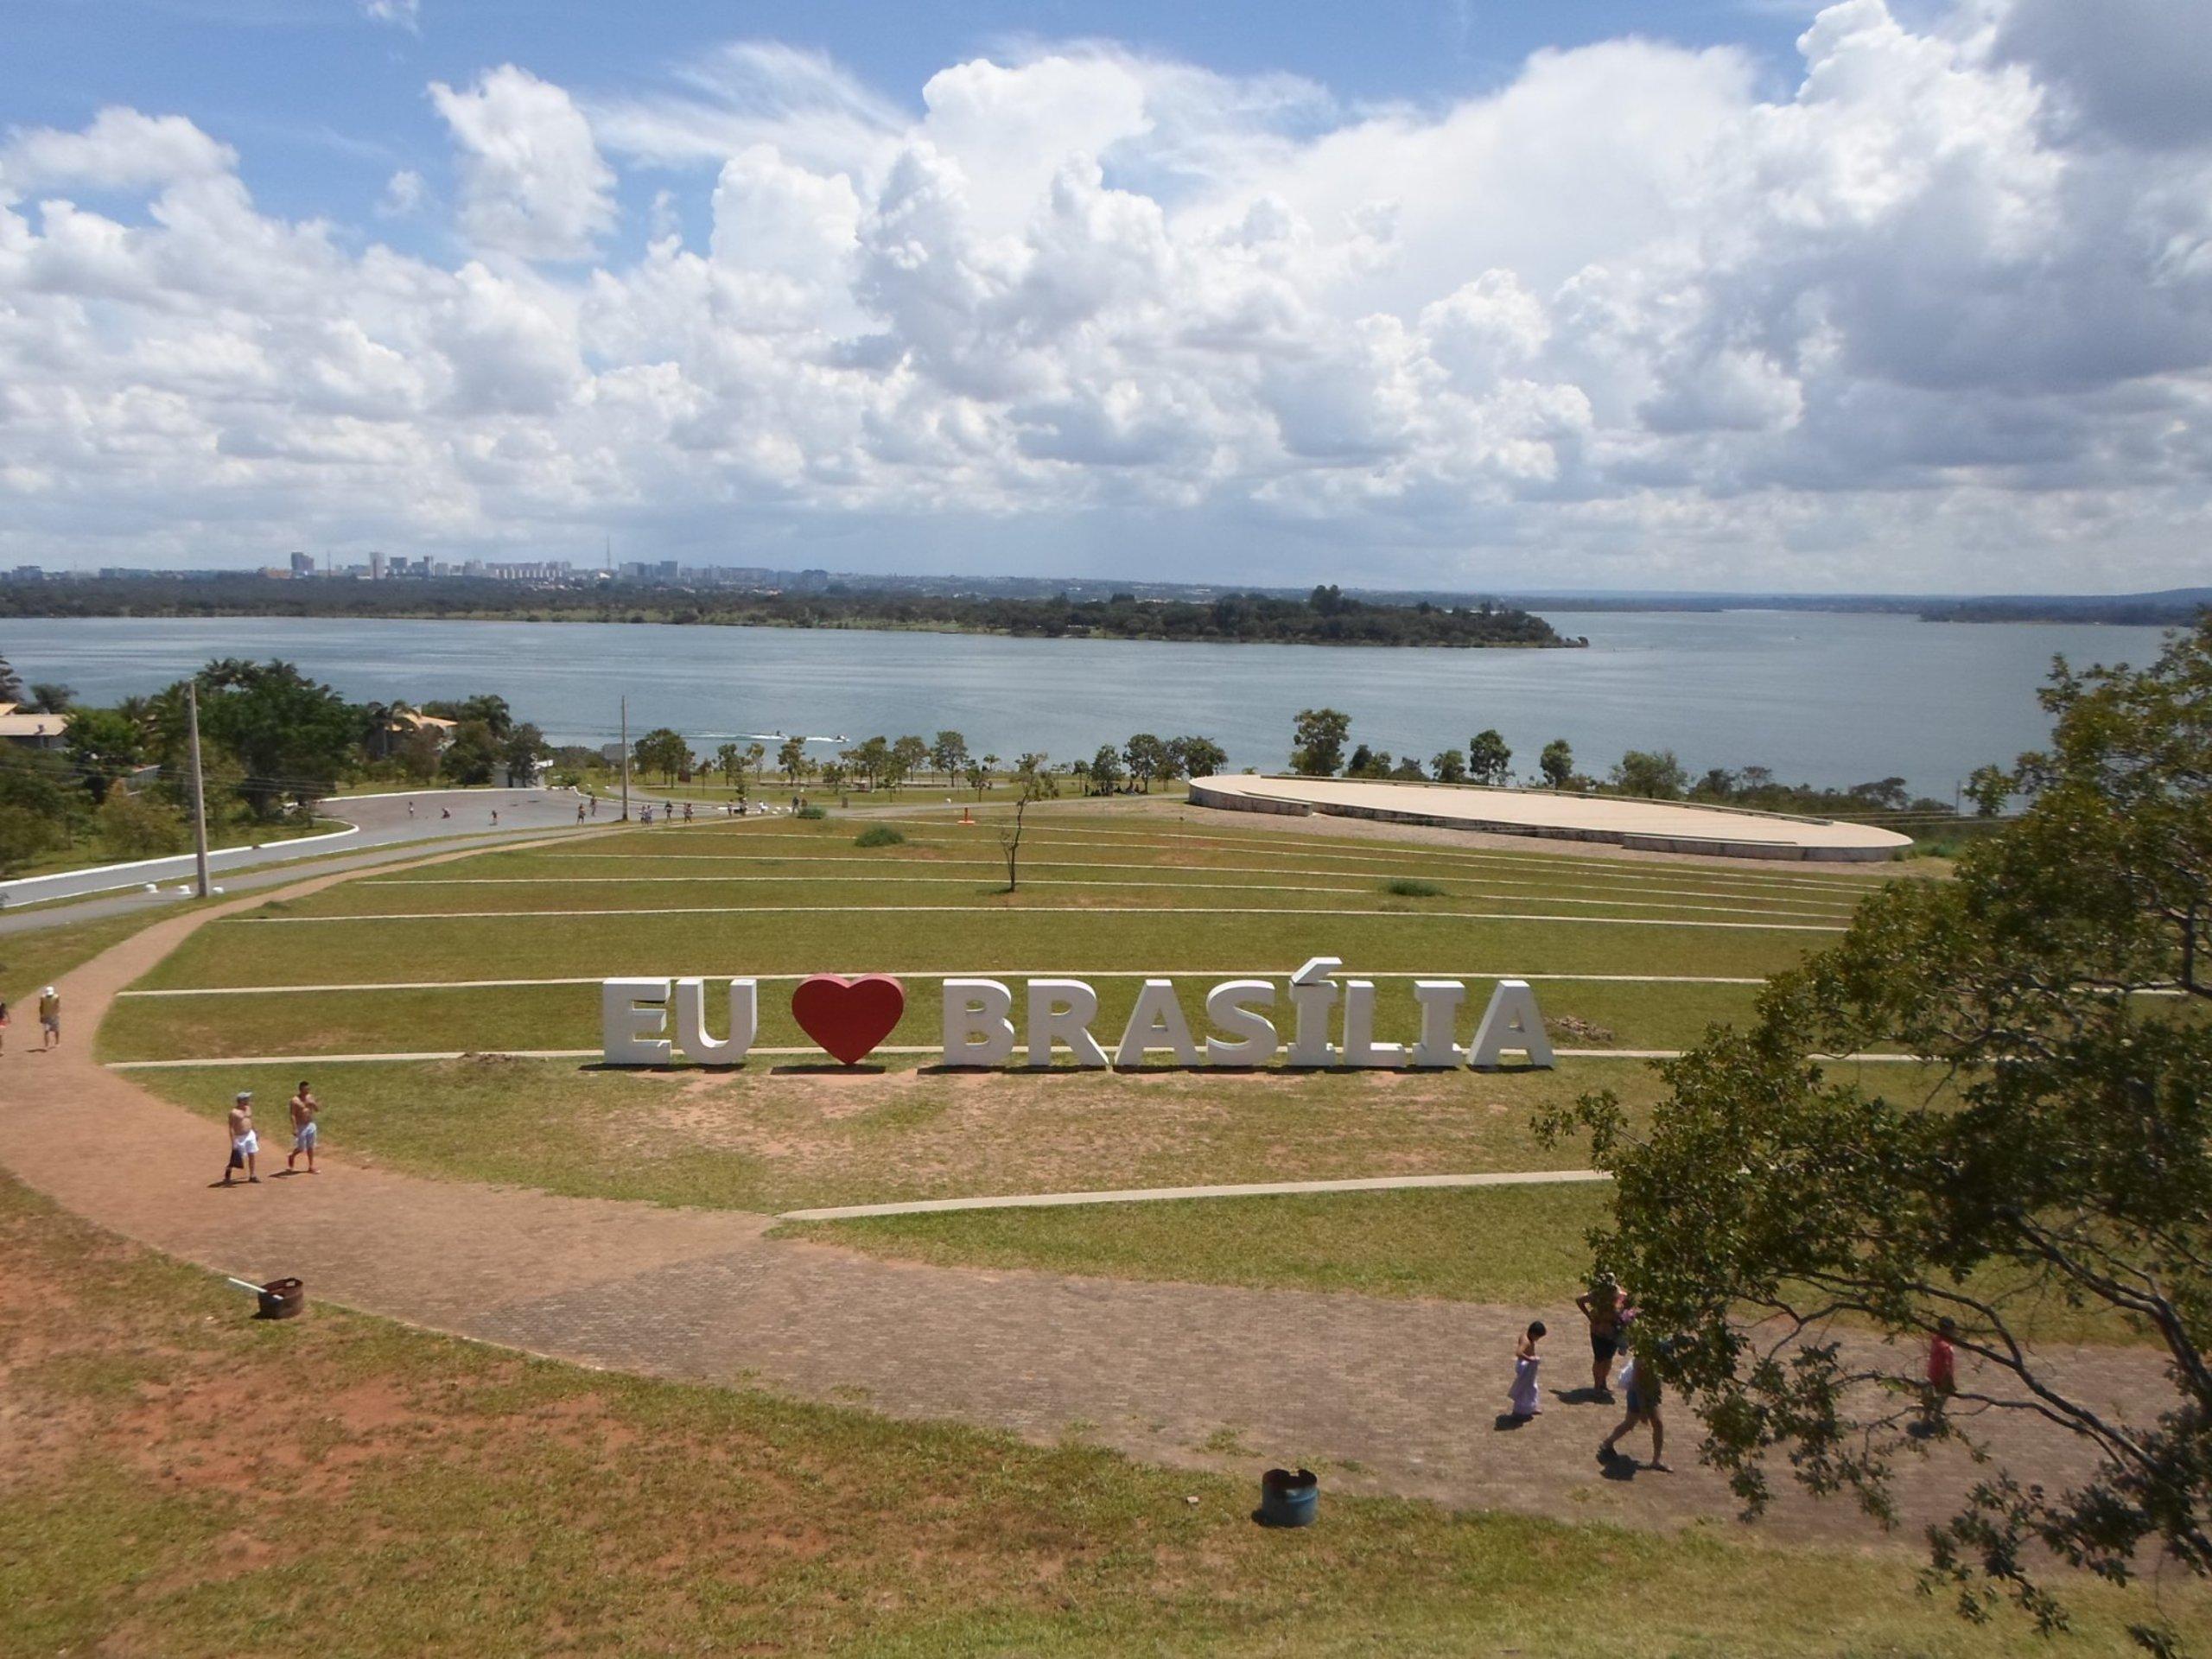 Dom Bosco Minas Gerais fonte: media-cdn.tripadvisor.com